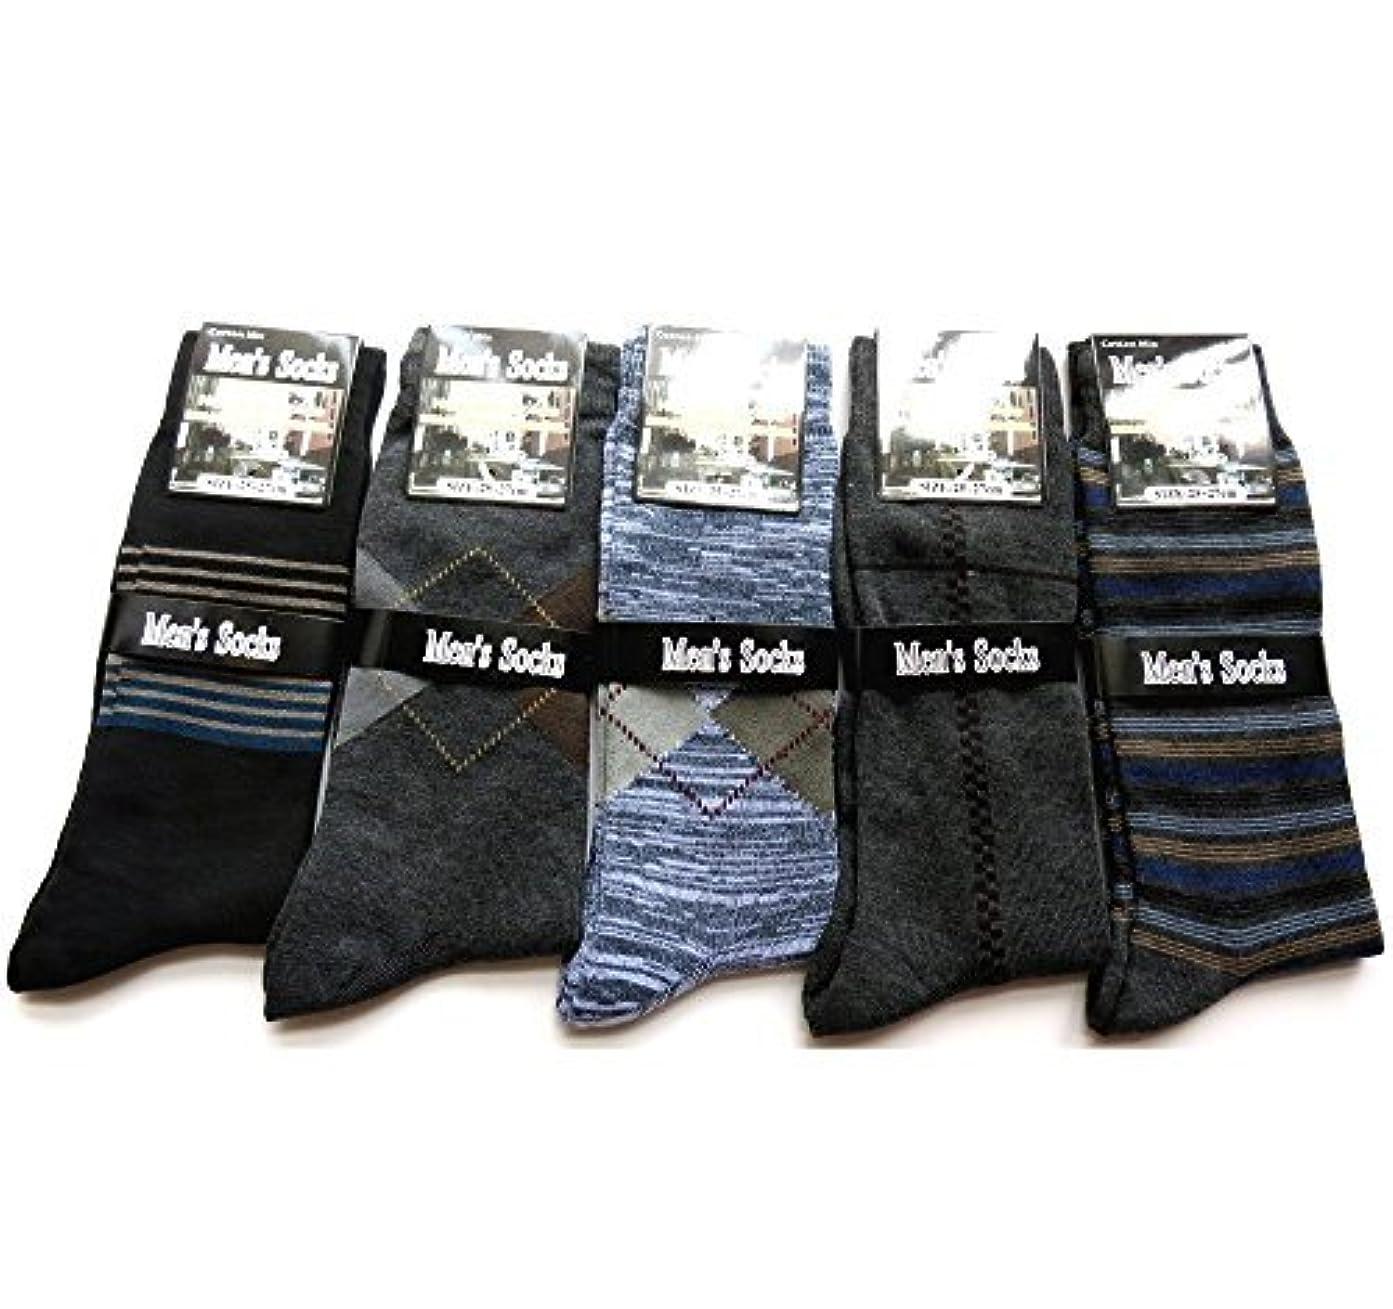 ハウス規範かりて紳士 ビジネスソックス カジュアル ソックス メンズ 靴下 メンズ 25-27cm 5足セット(柄はお任せ)